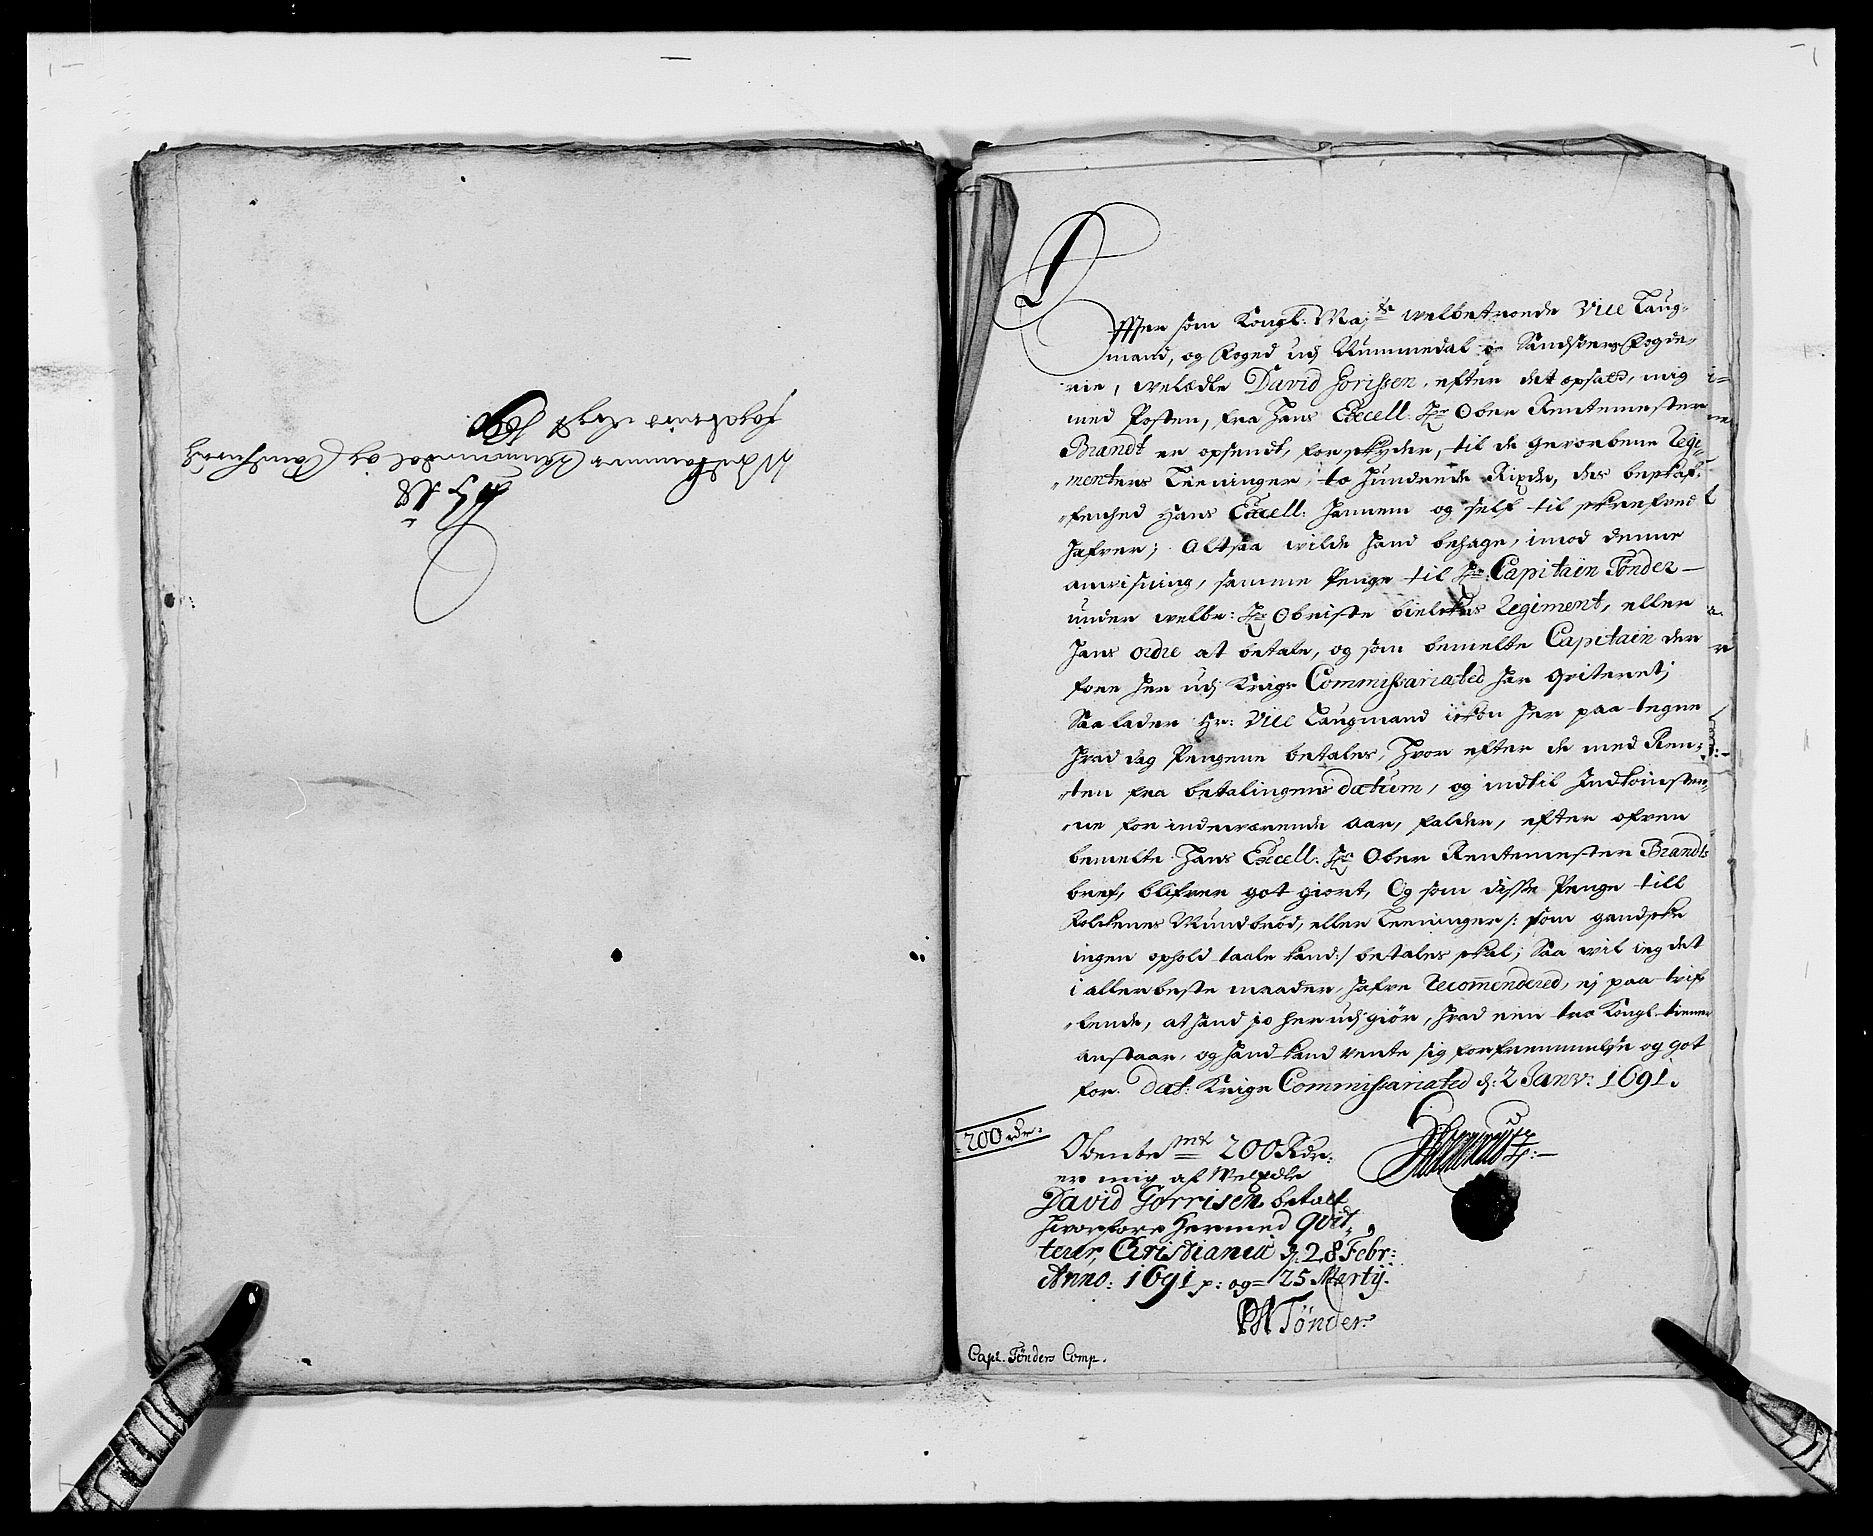 RA, Rentekammeret inntil 1814, Reviderte regnskaper, Fogderegnskap, R24/L1574: Fogderegnskap Numedal og Sandsvær, 1688-1691, s. 141